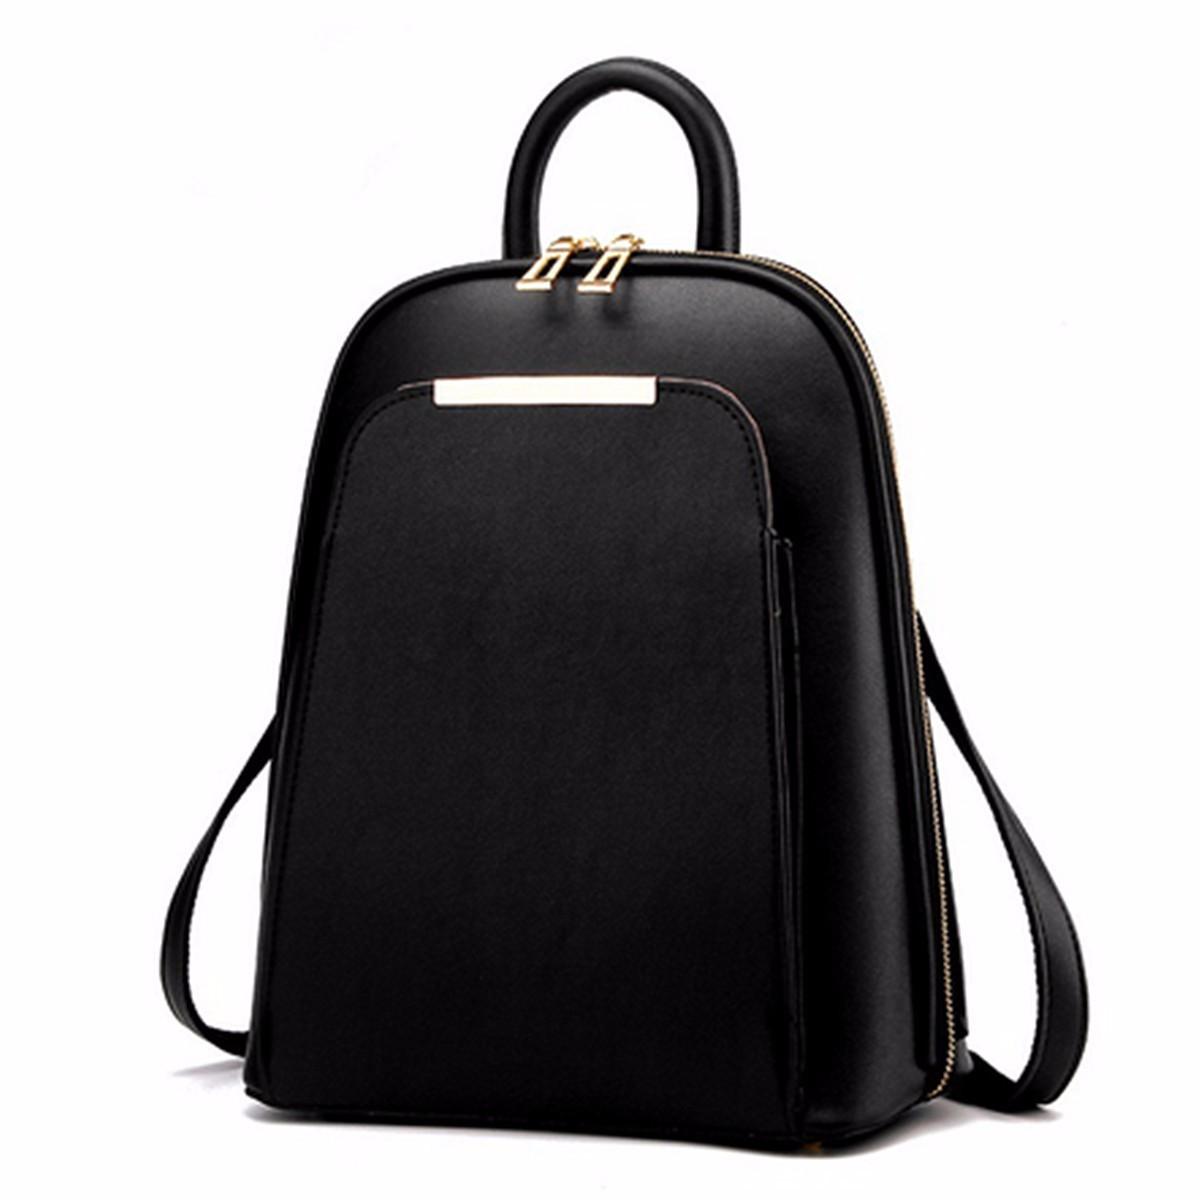 Fashion Women PU Leather Travel Satchel Shoulder Bag Backpack School Rucksack